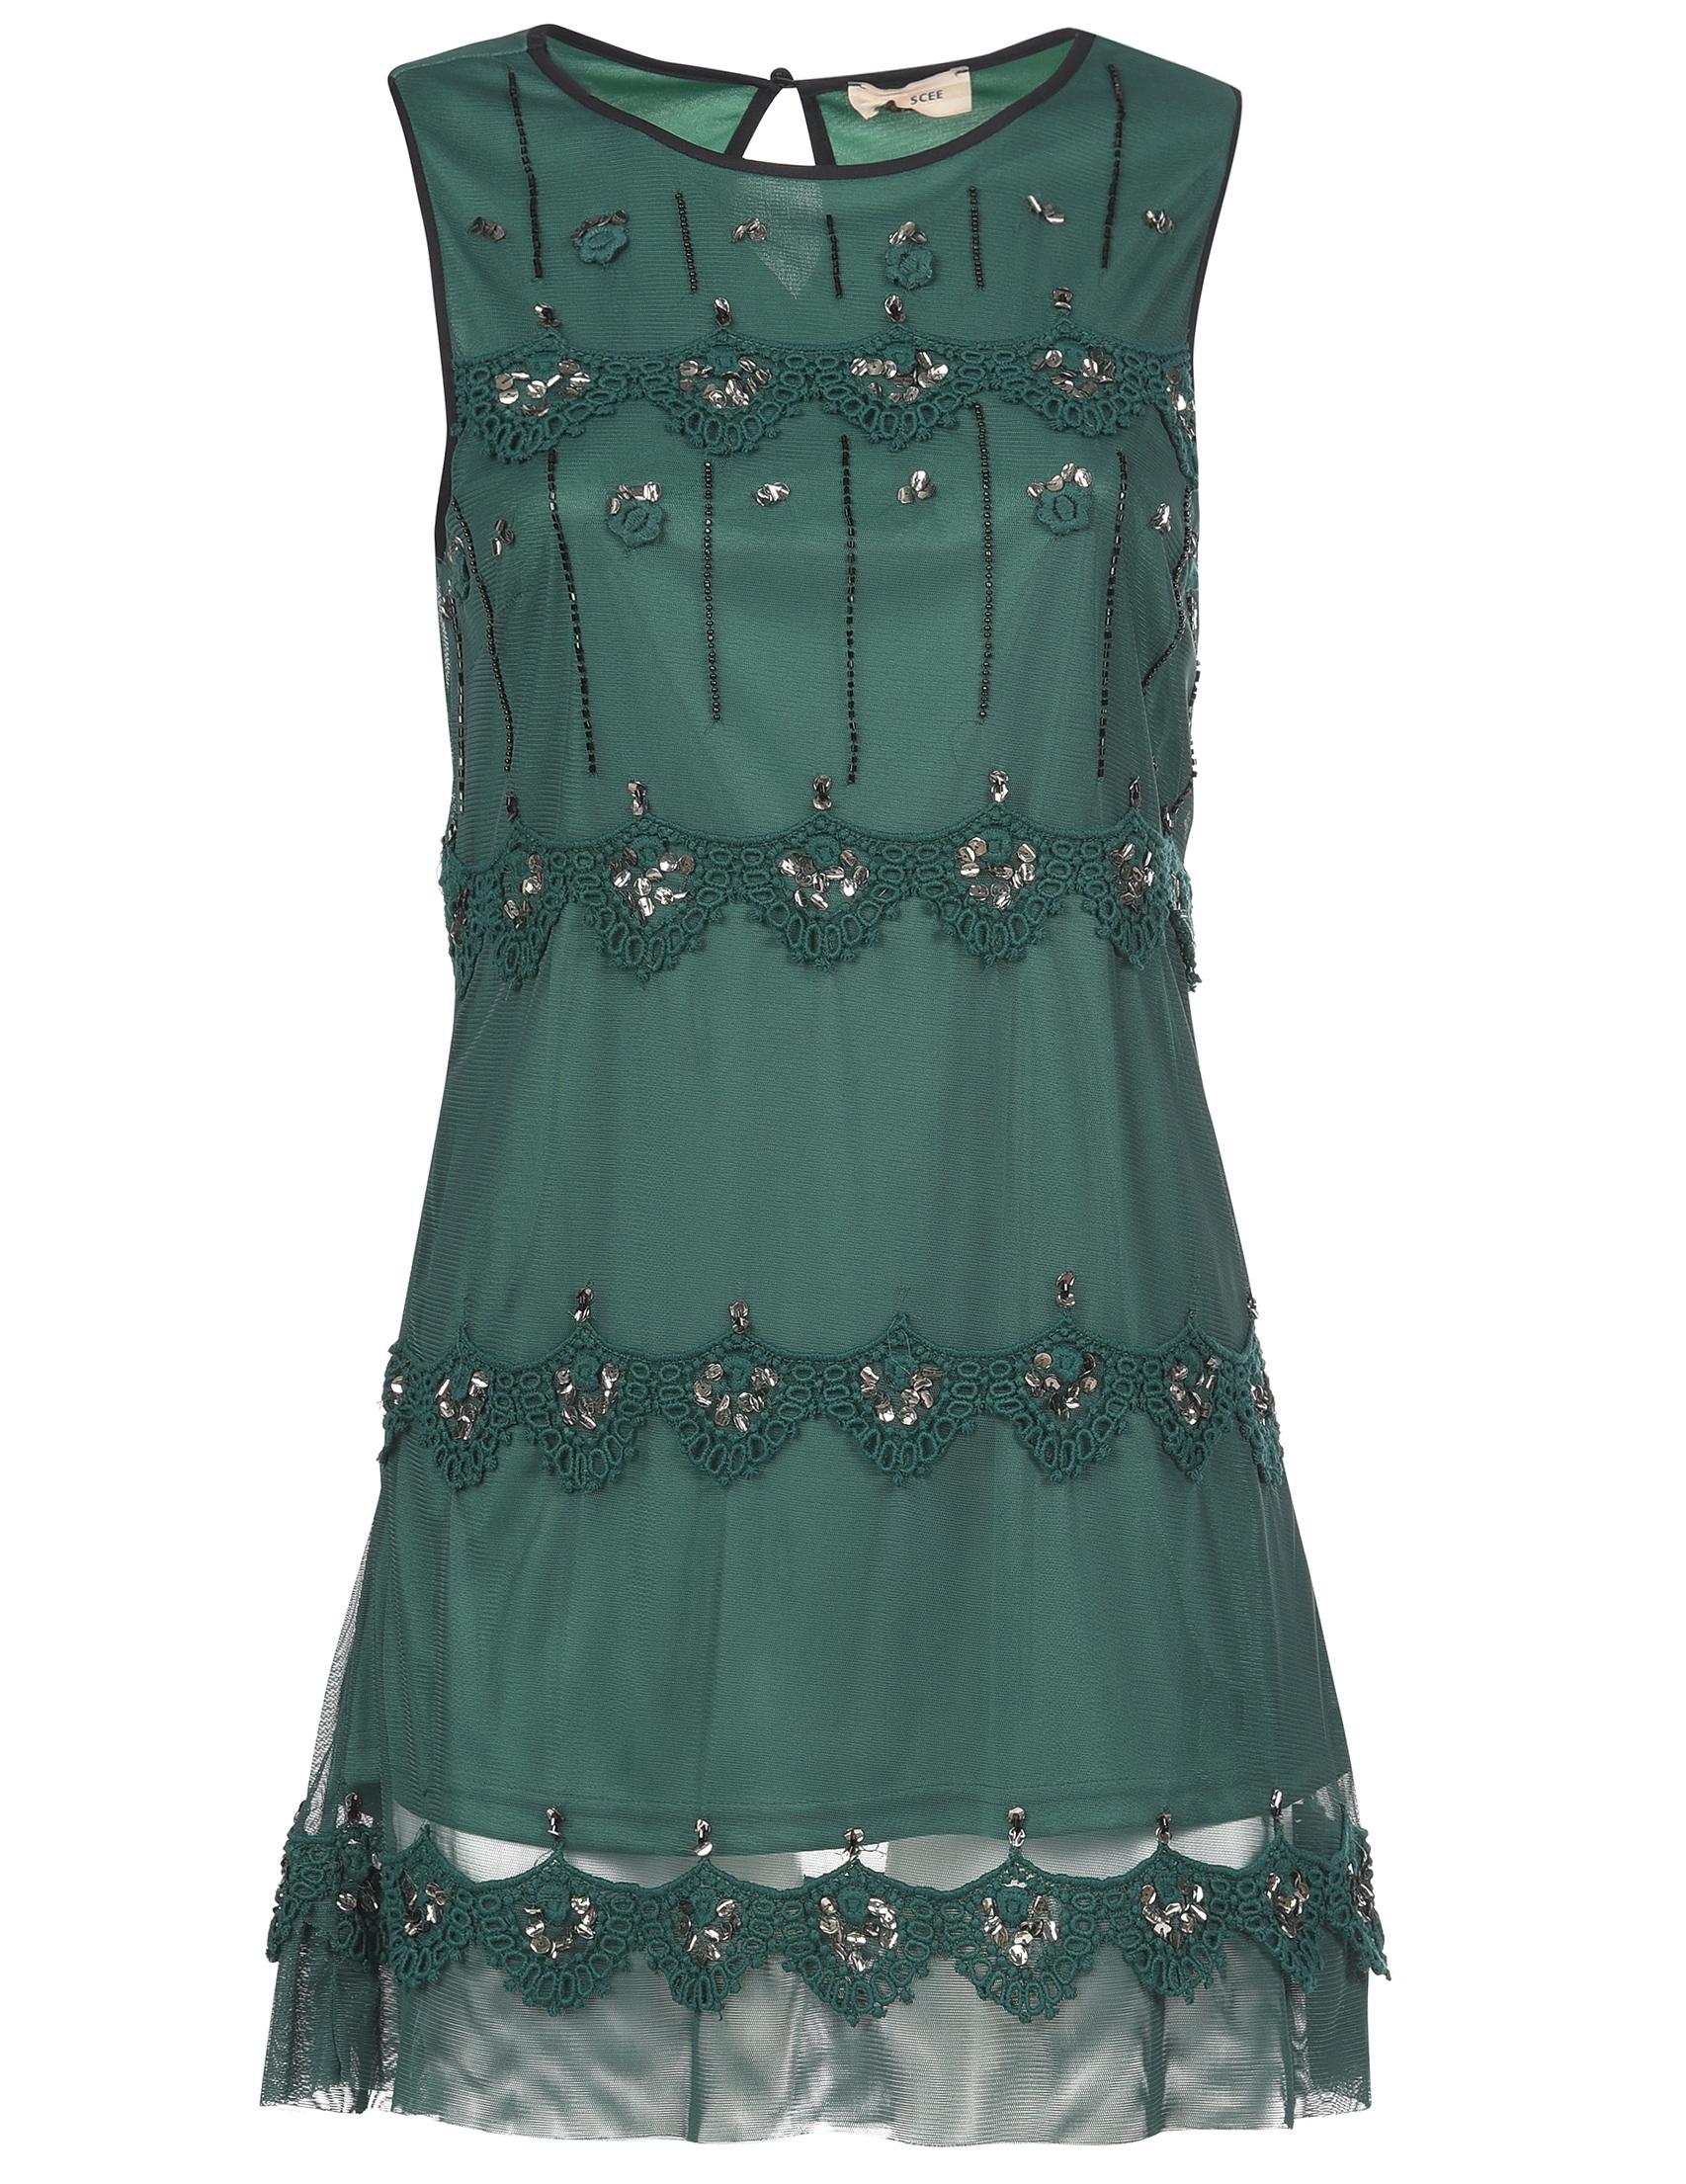 Платье, TWIN-SET, Зеленый, 100%Полиэстер;100%Хлопок, Осень-Зима  - купить со скидкой